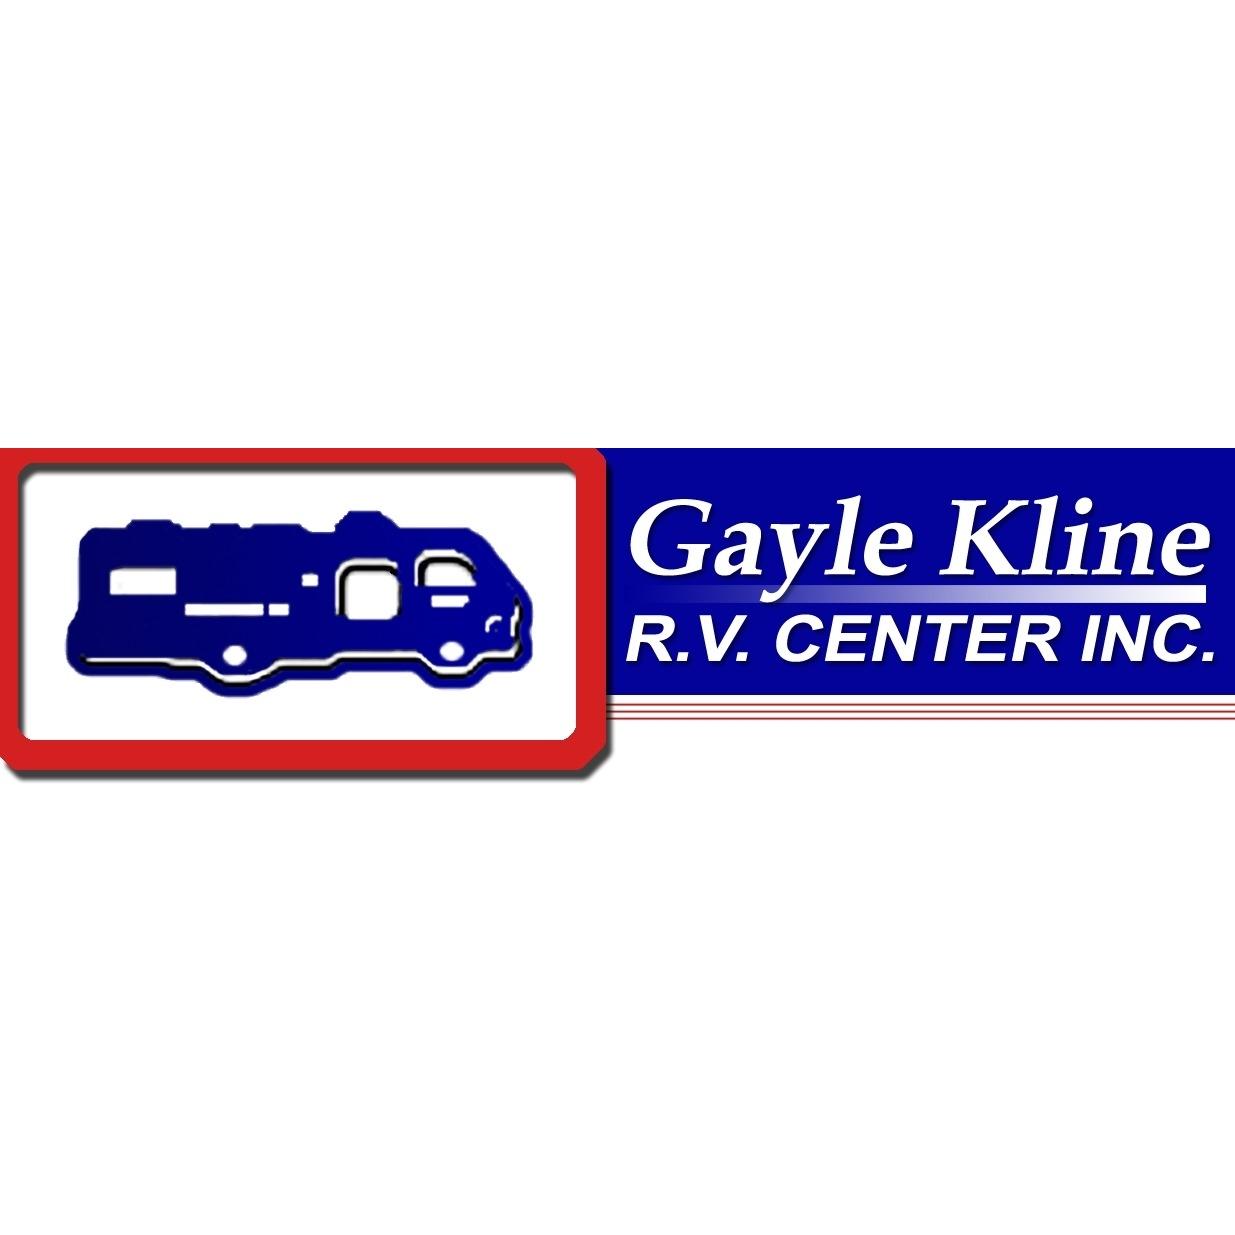 Gayle Kline RV